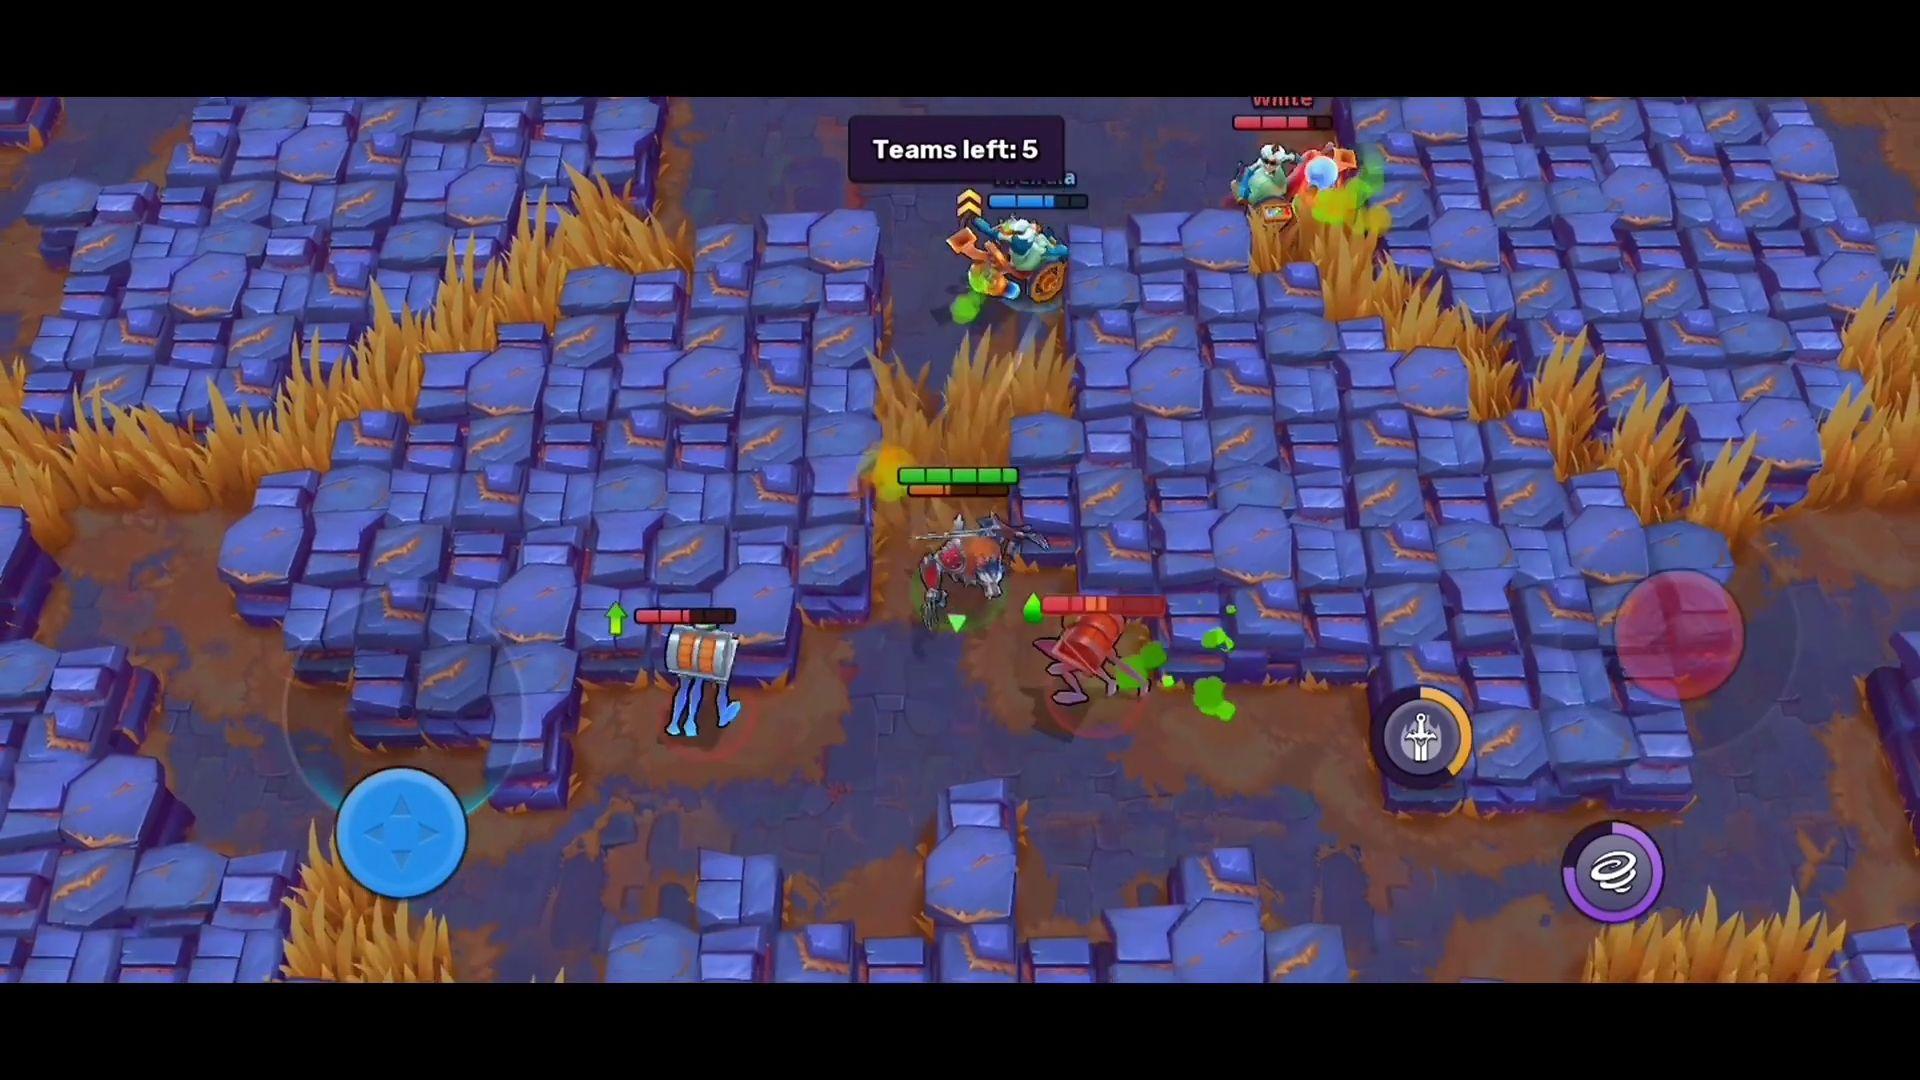 Frayhem - 3v3 Brawl, Battle Royale, MOBA Arena для Android